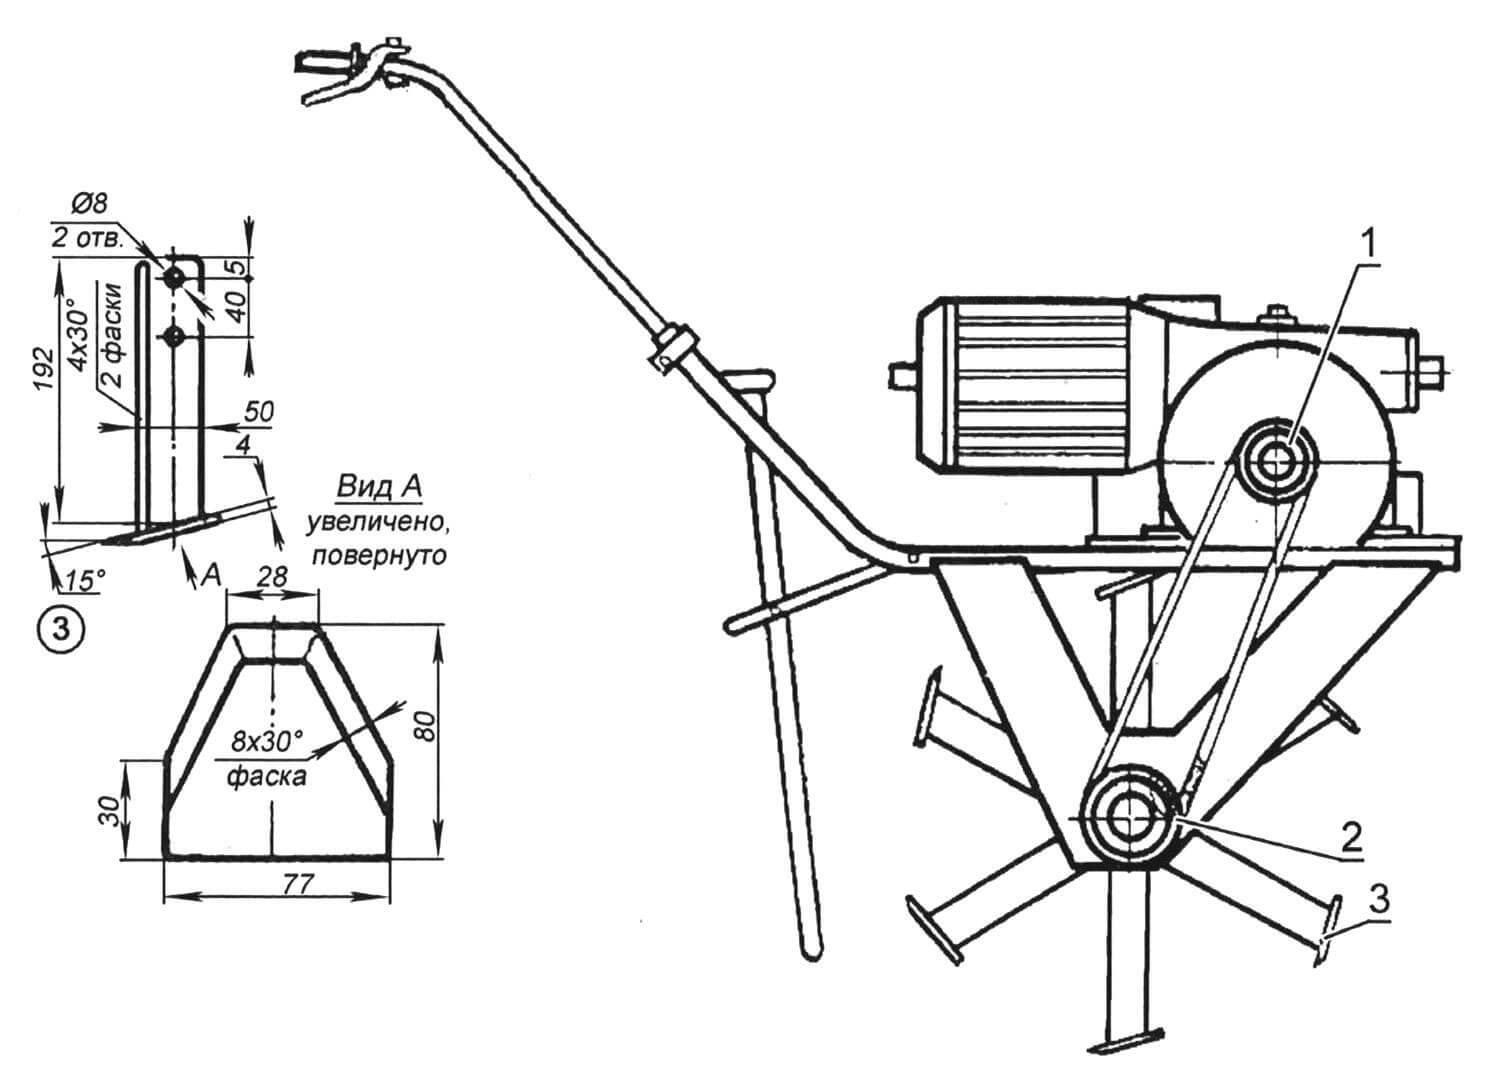 Электрофреза со снятыми транспортировочными колесами: 1 - ведущая звездочка Z1 = 15 или Z1 = 13; 2 - ведомая звездочка Z2 = 15; 3 - нож.